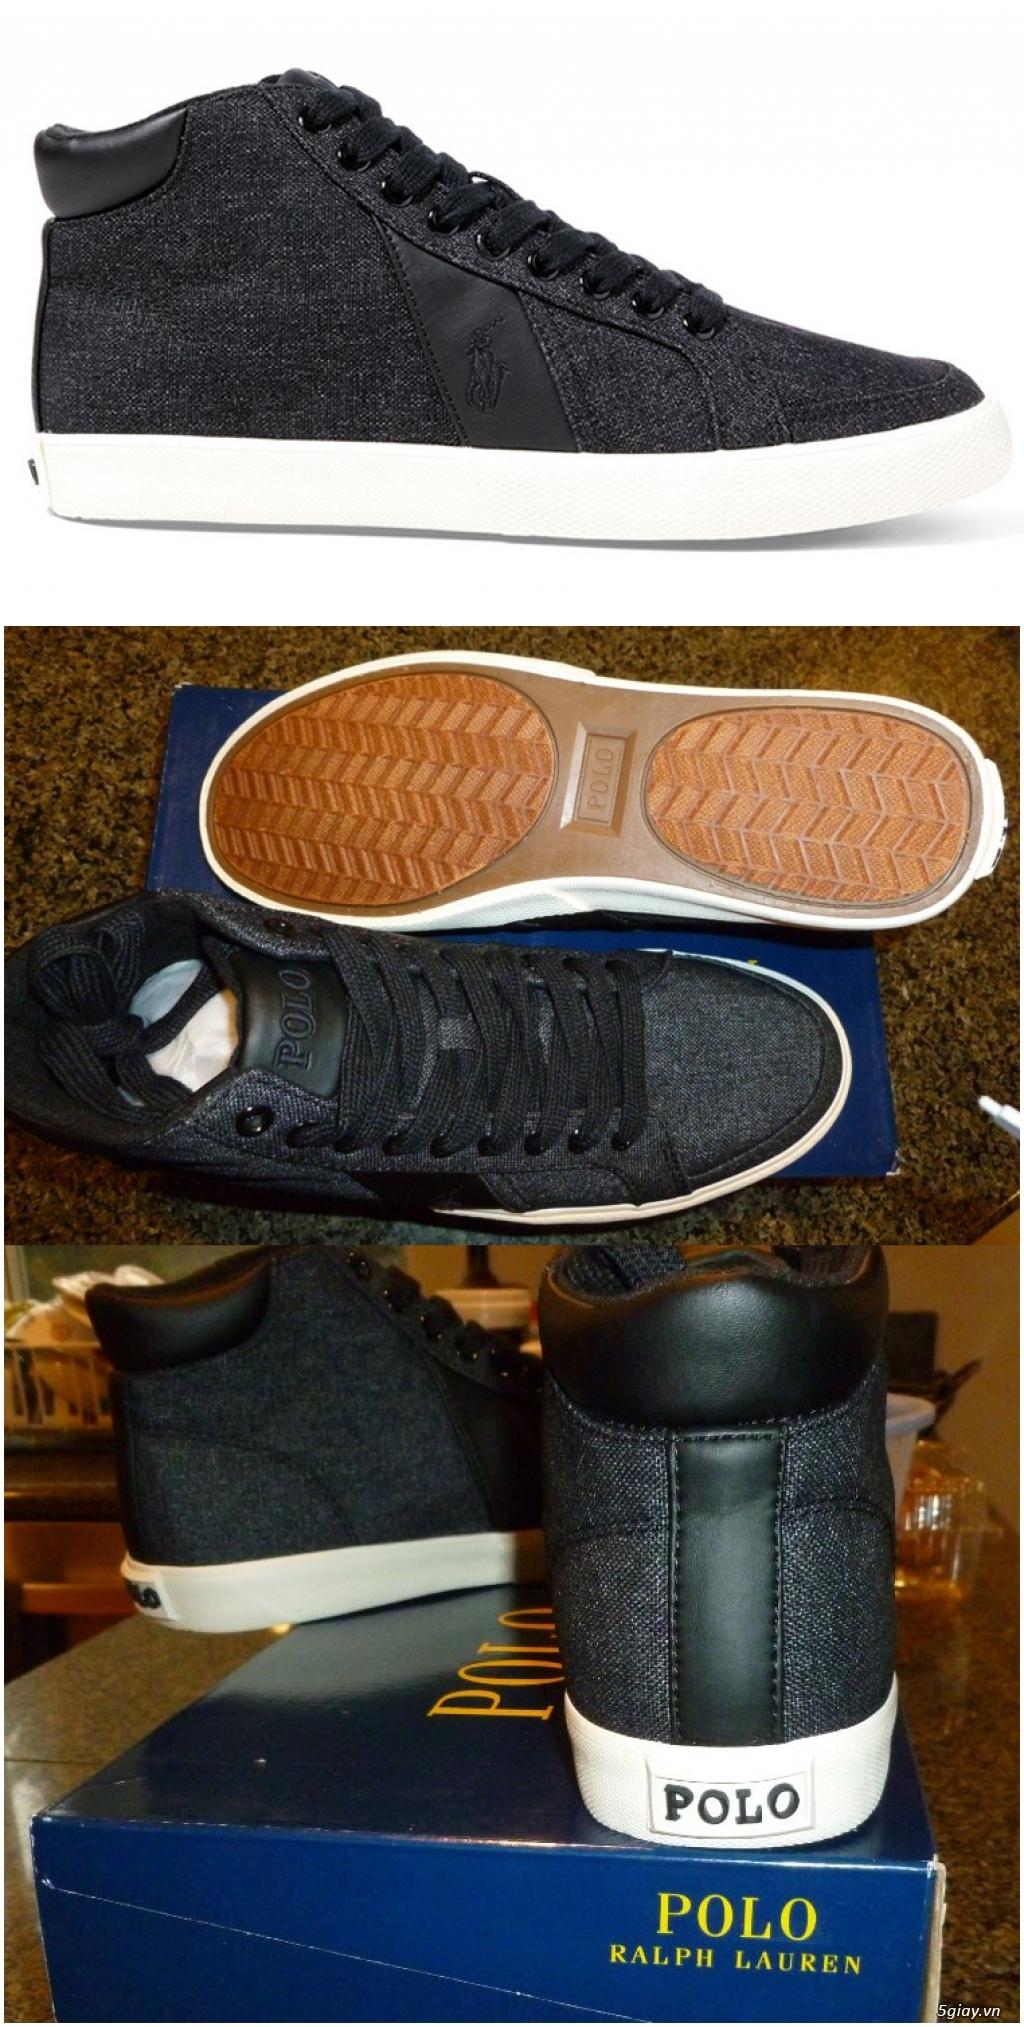 Mình xách/gửi giày Nike, Skechers, Reebok, Polo, Converse, v.v. từ Mỹ. - 54